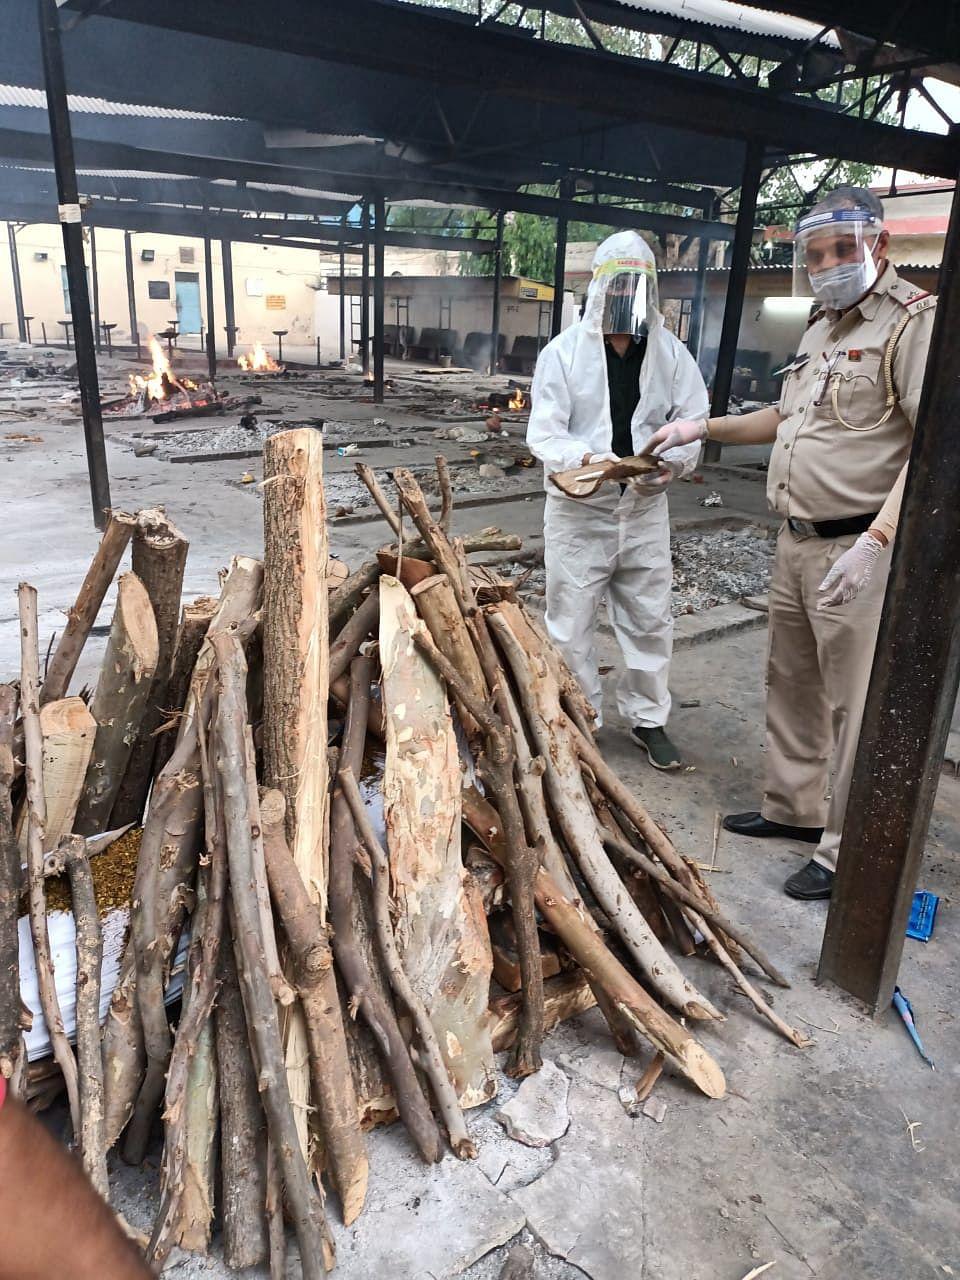 (अपडेट) एएसआई राकेश कुमार: 1200 शवों के कराए अंतिम संस्कार, 80 को दी मुखाग्नि